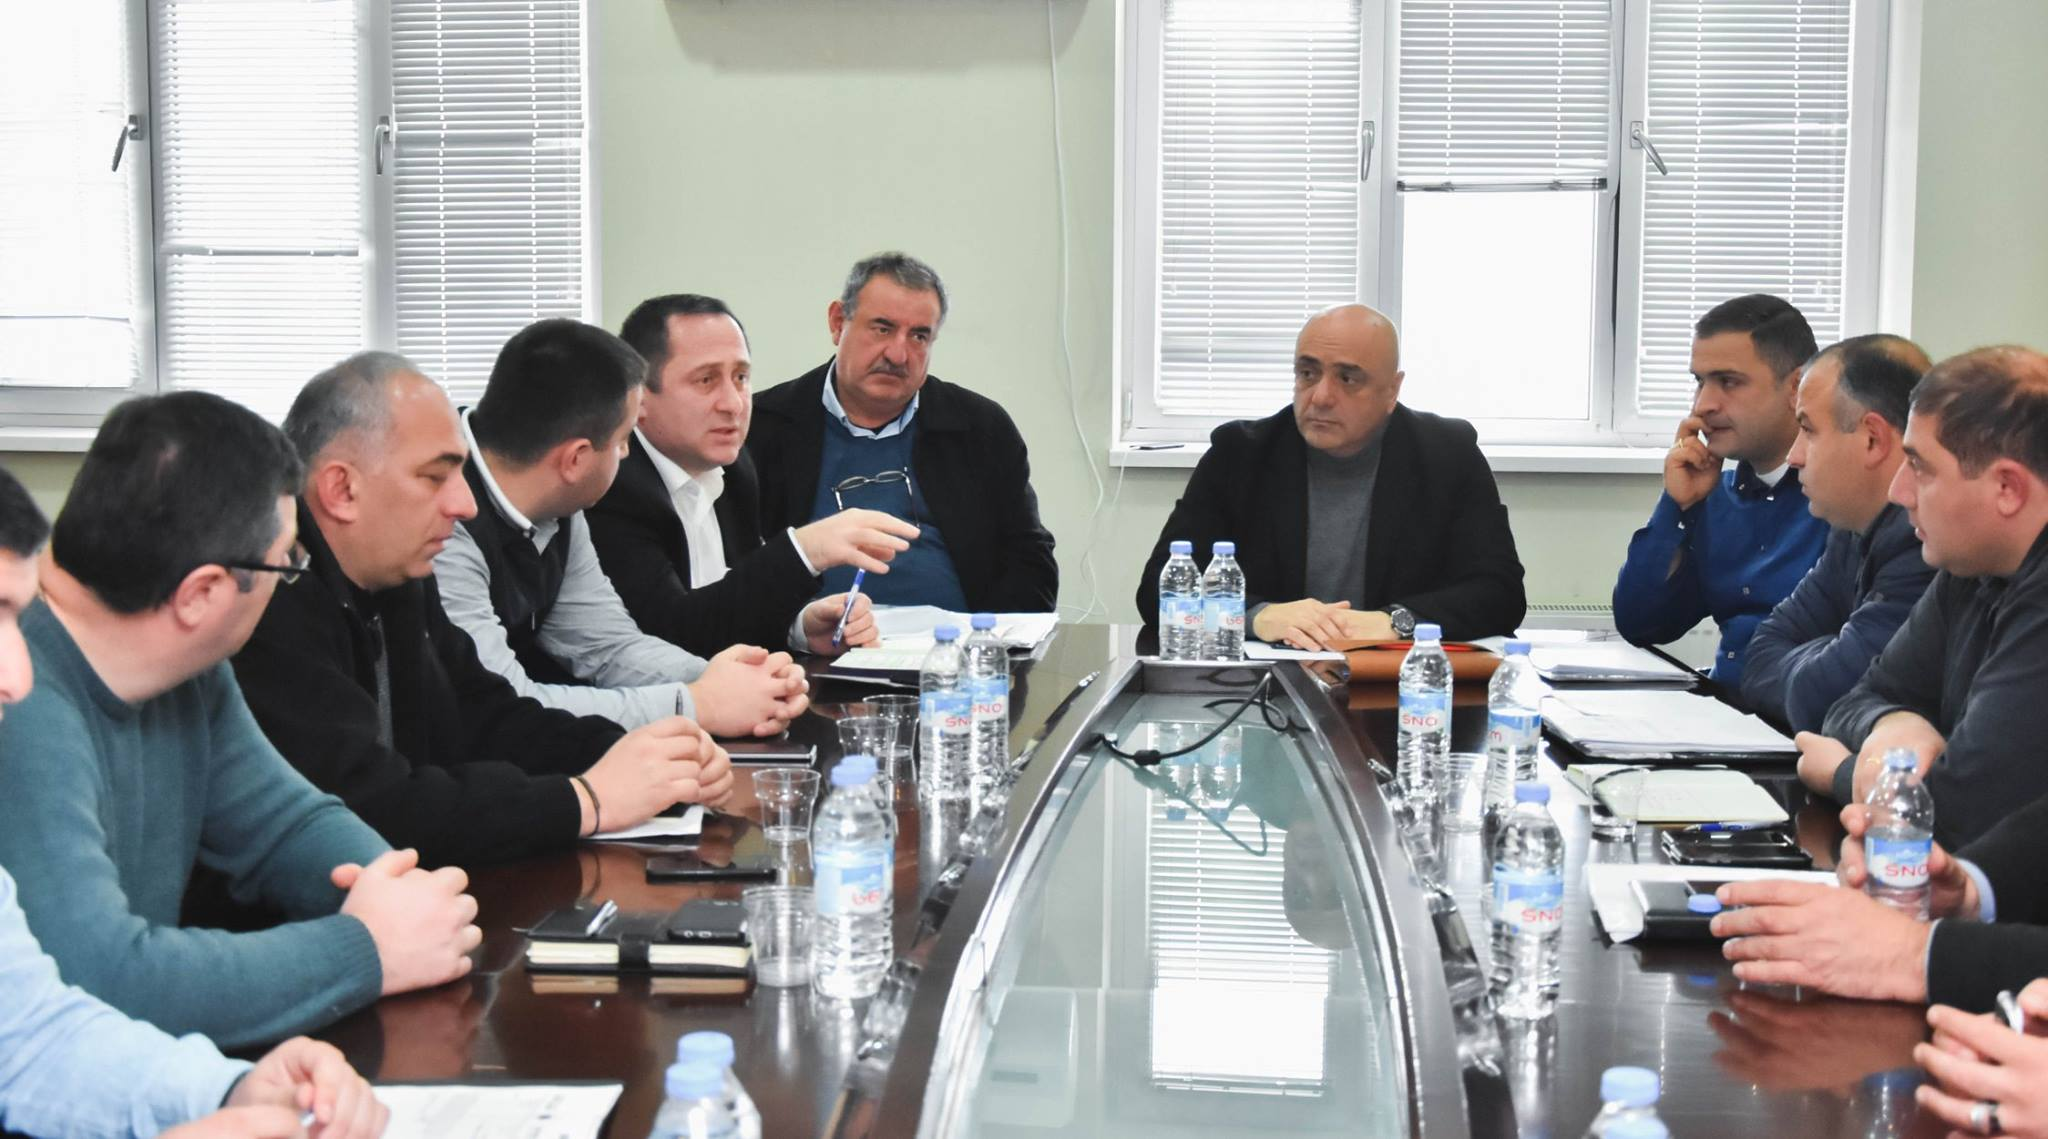 შეხვედრა სახელმწიფო ქონების ეროვნული სააგენტოს   სამეგრელო, გურია ზემო-სვანეთის მომსახურეობის ცენტრის უფროსთან